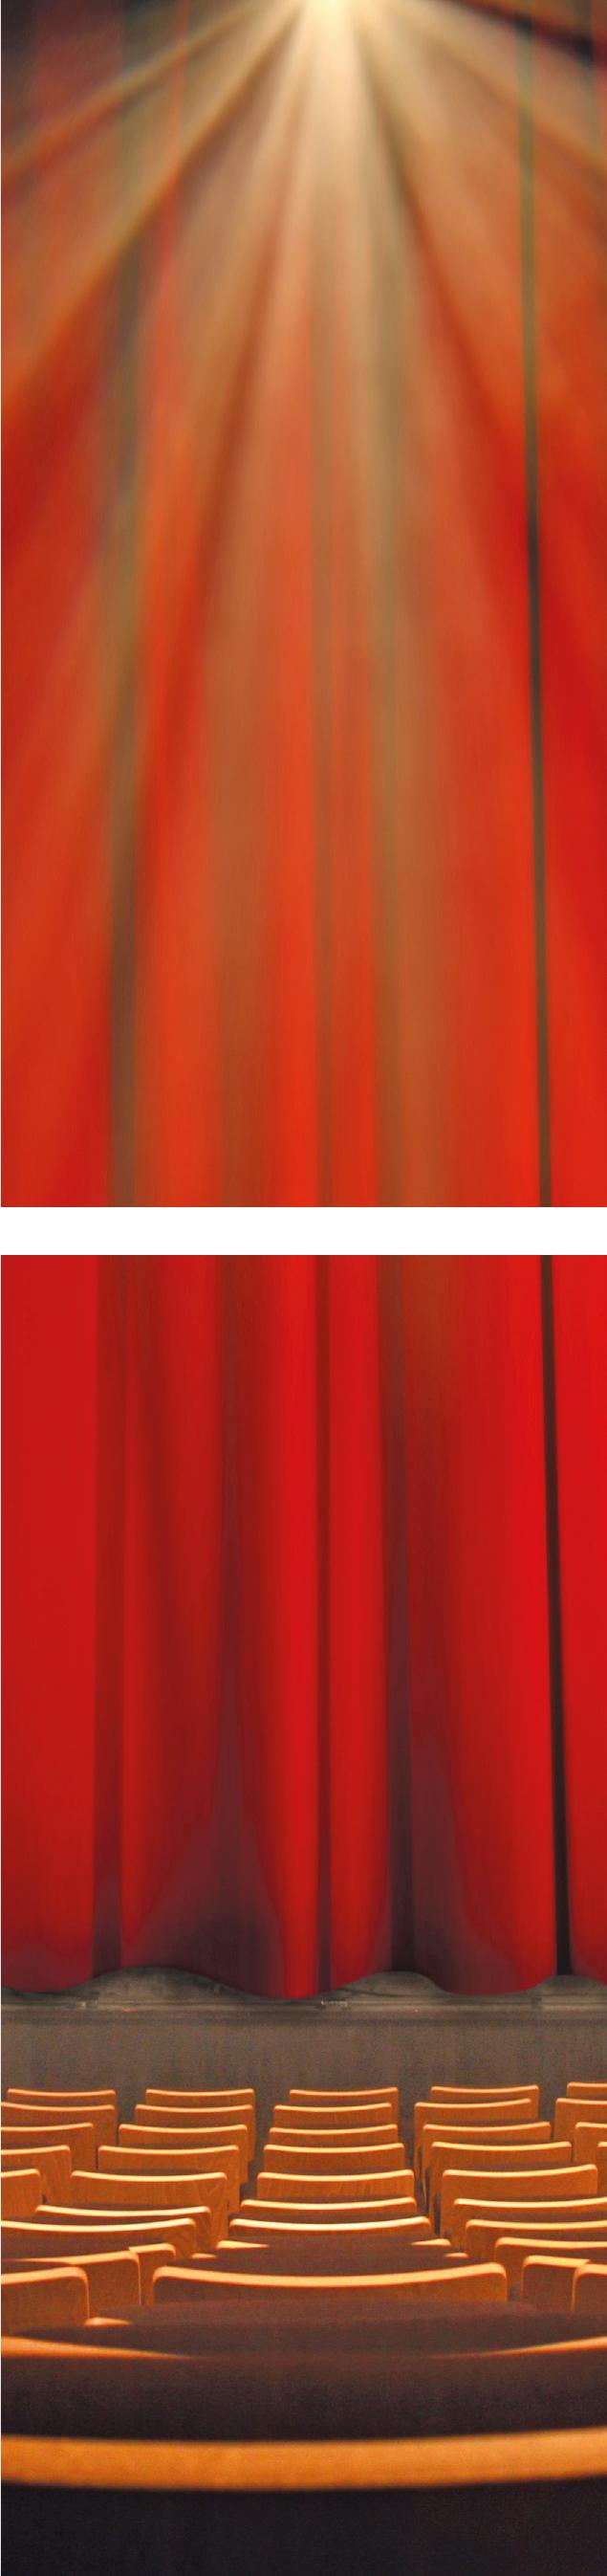 Ausgeprägter Spieldrang Image 2